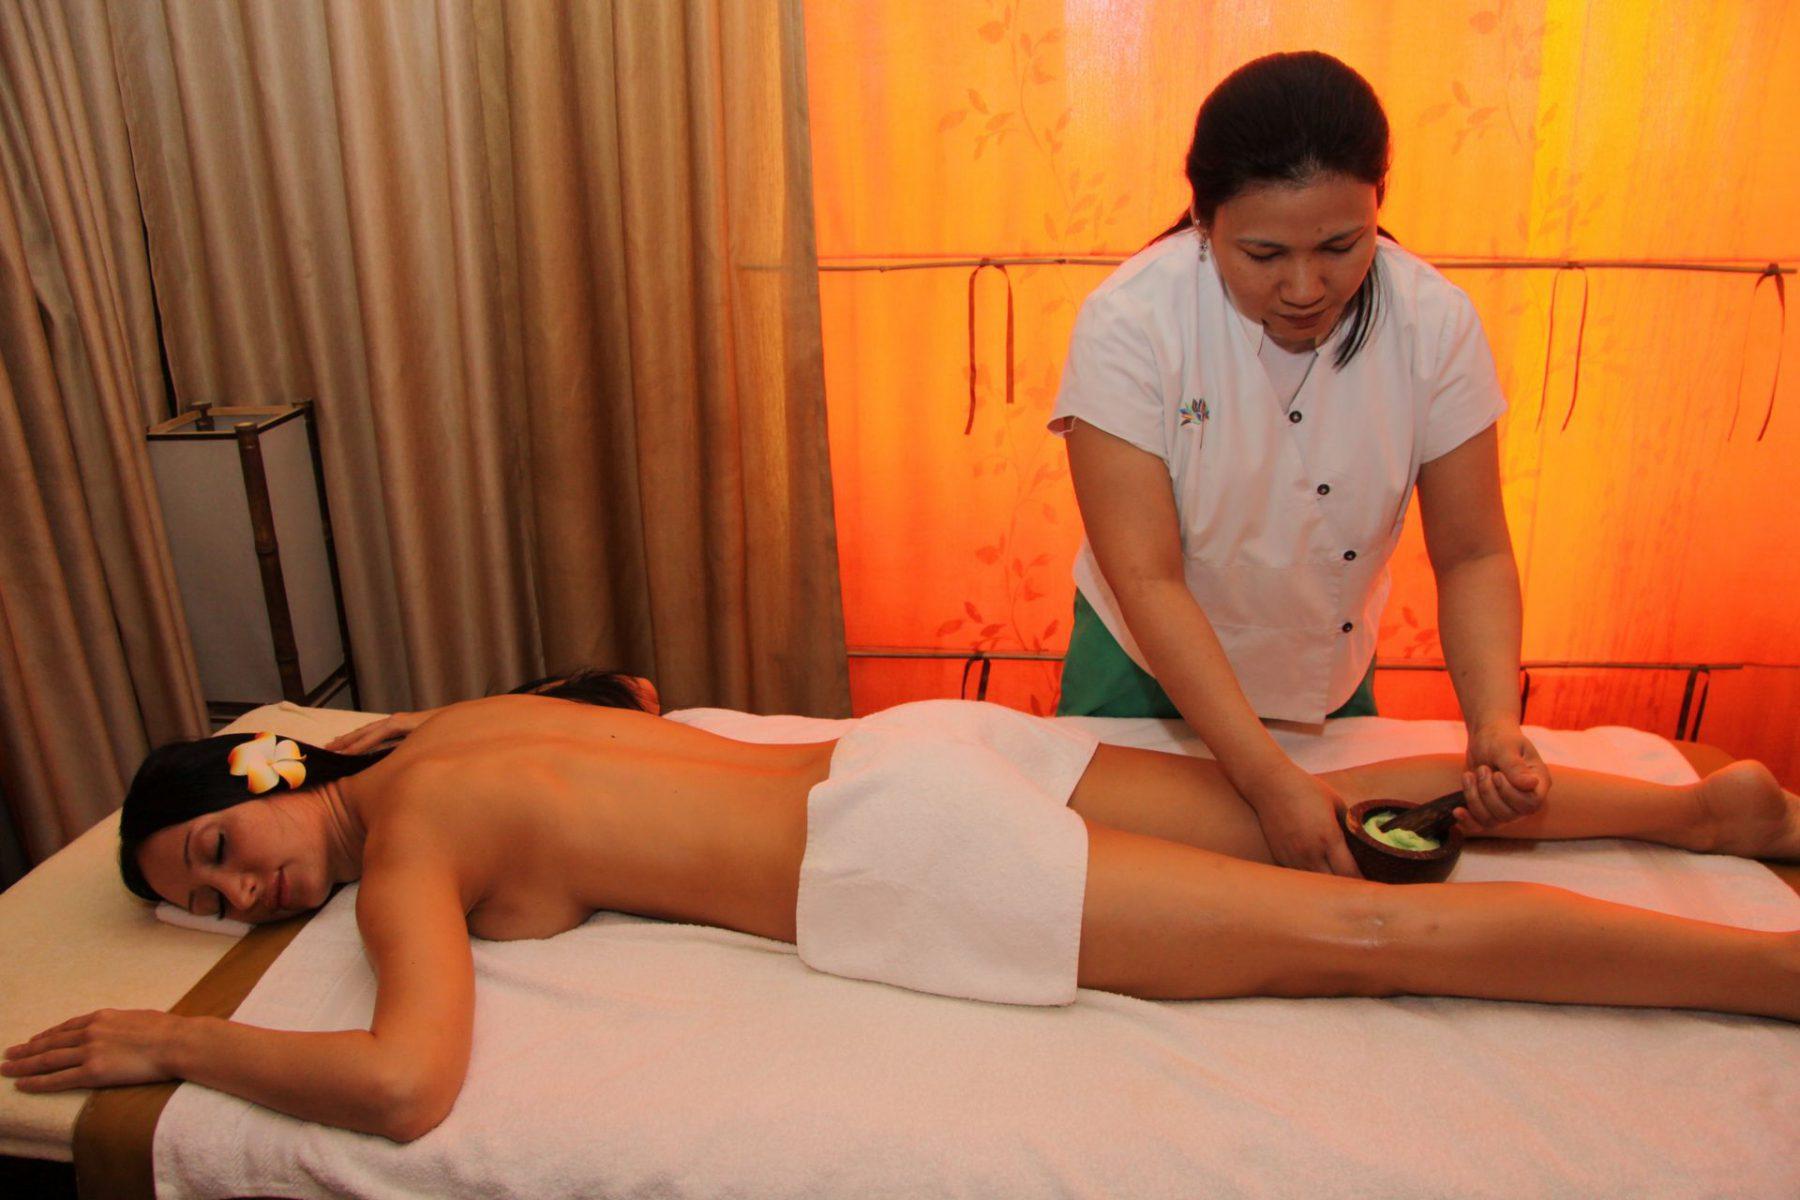 Секс принудительный на массаже, Порно видео с массажем, делает массаж парню 24 фотография